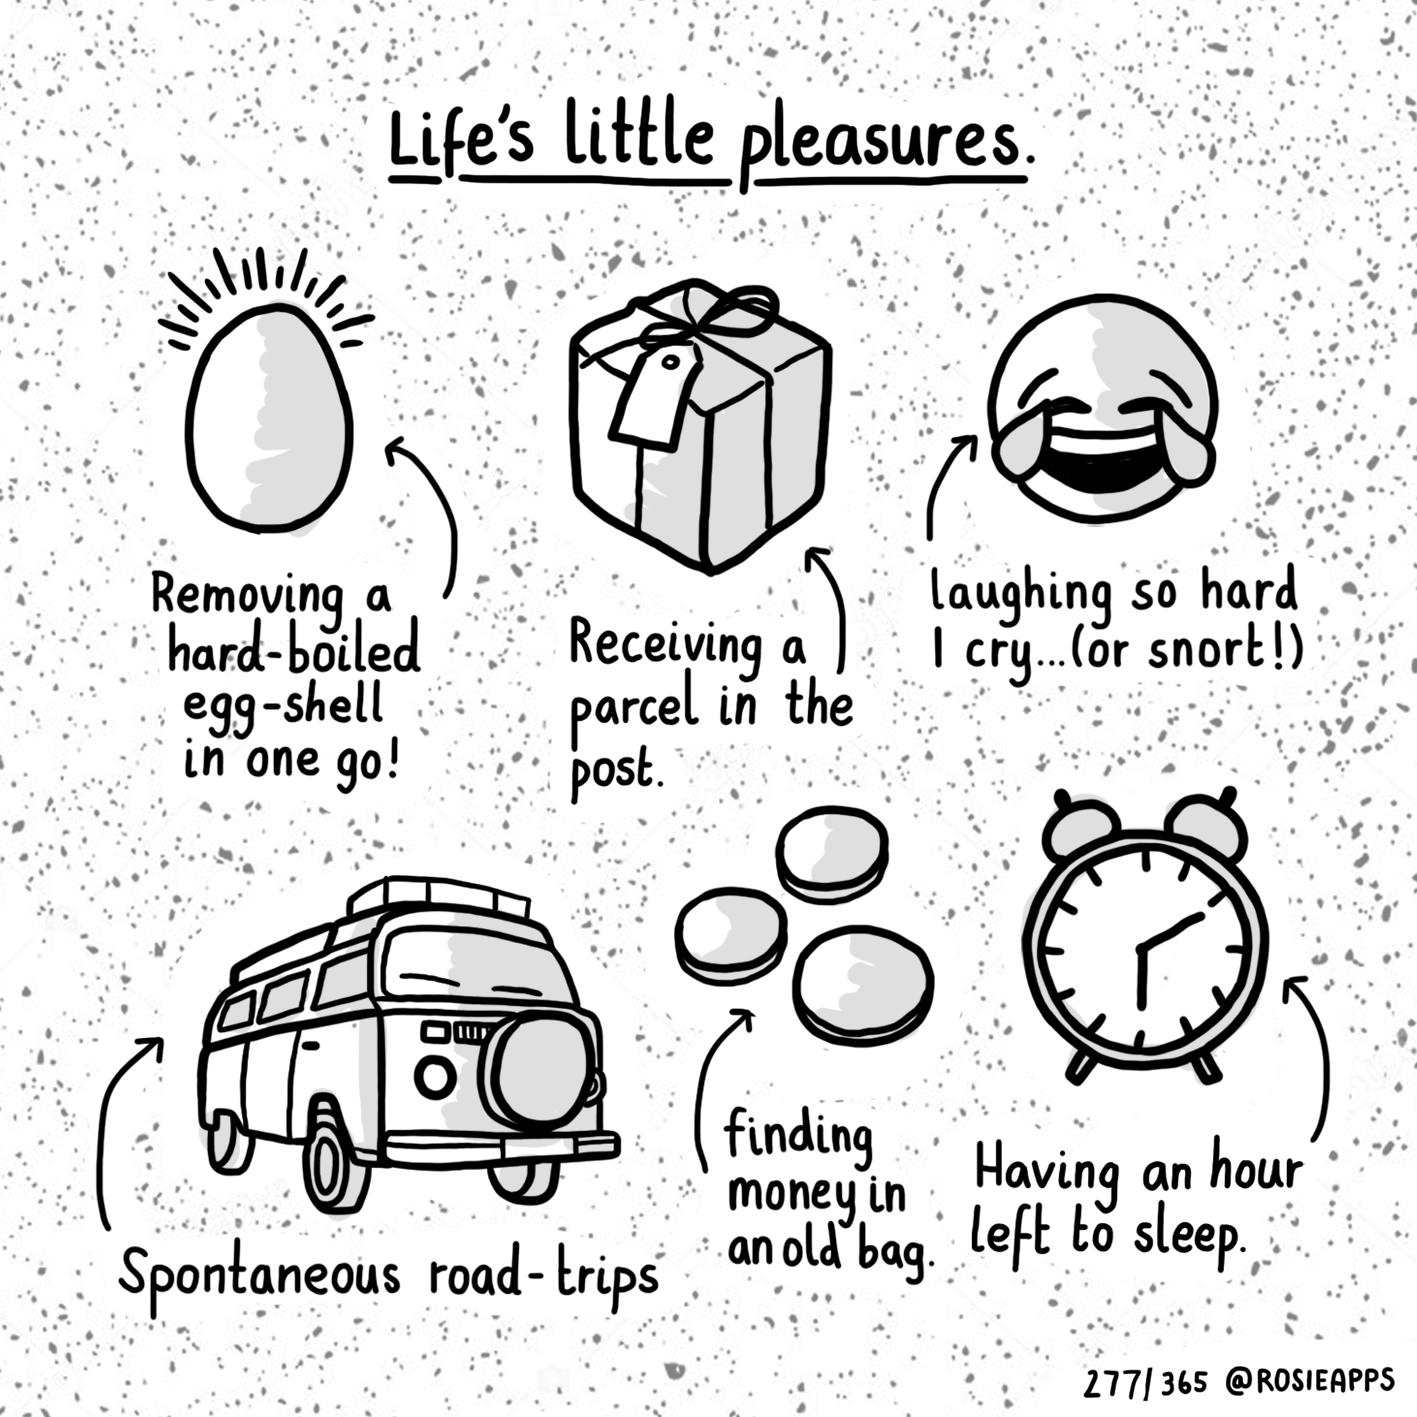 October-277-365 lifes pleasures.jpg